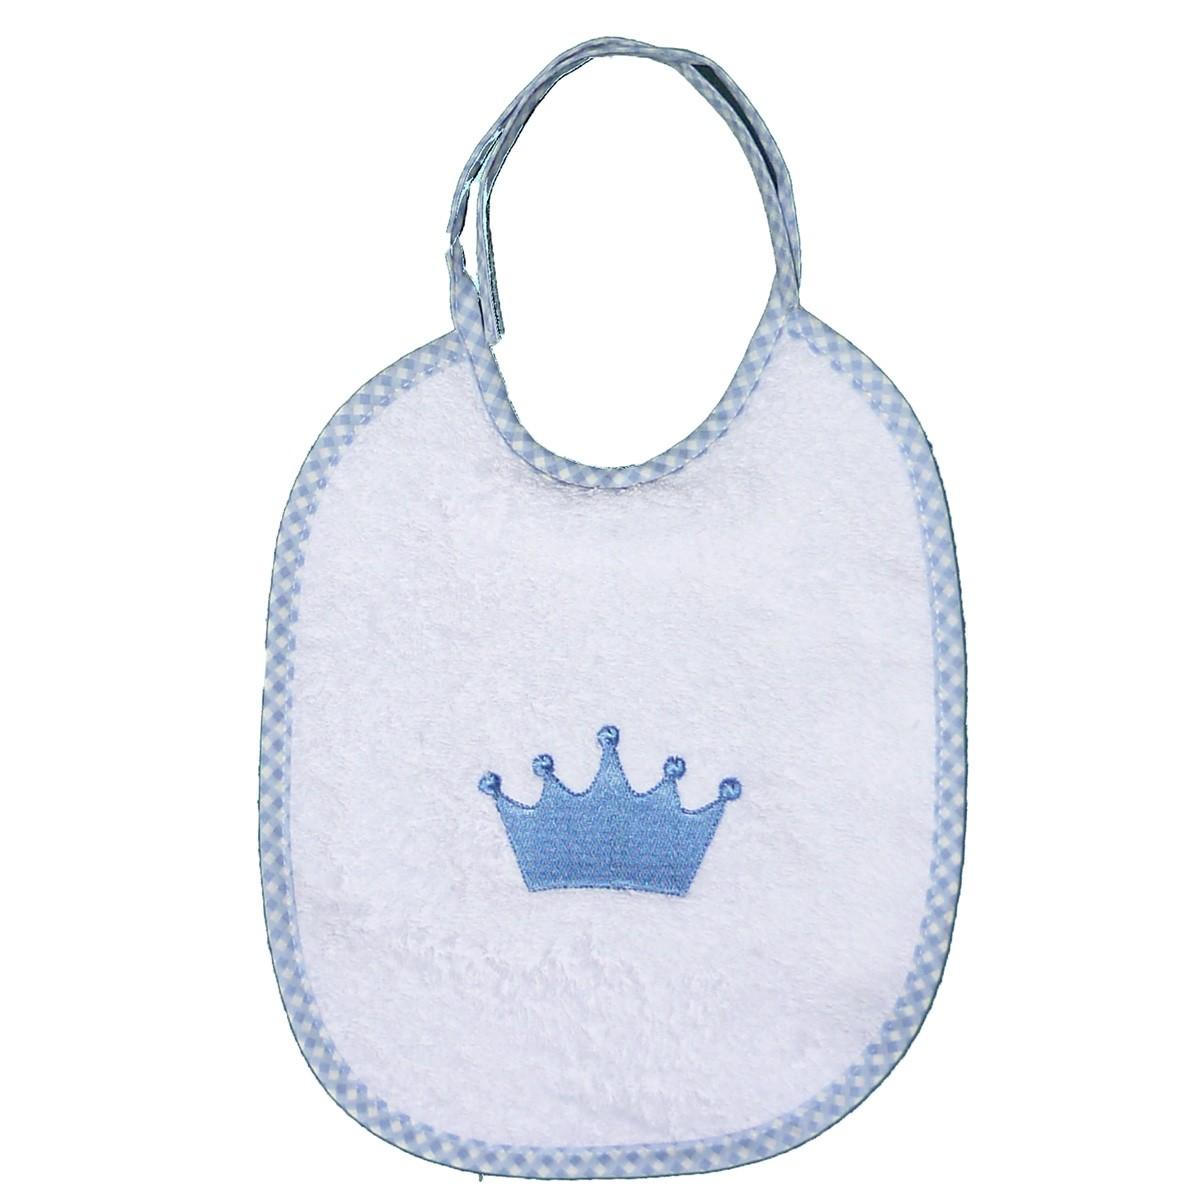 Σαλιάρα Morven Prince Blue 1809/05